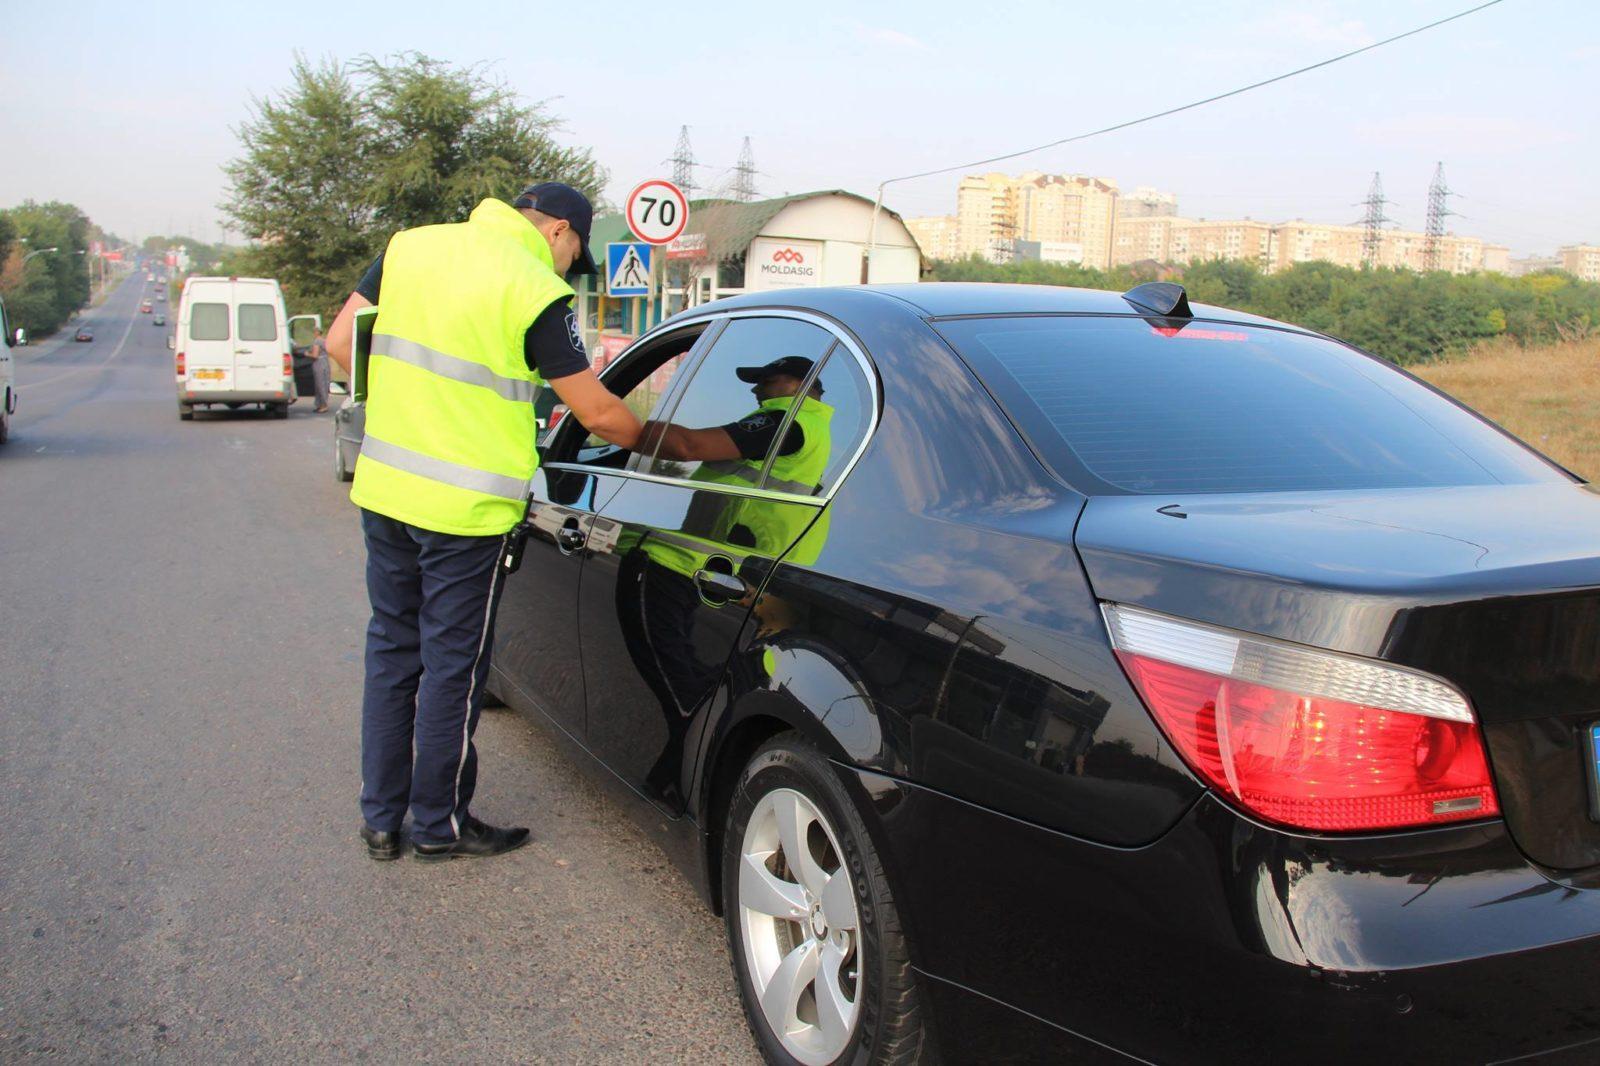 Un tânăr fără permis și-a montat pe mașina neînmatriculate plăcuțe false și a ieșit la plimbare. Poliția i-a venit de hac rapid